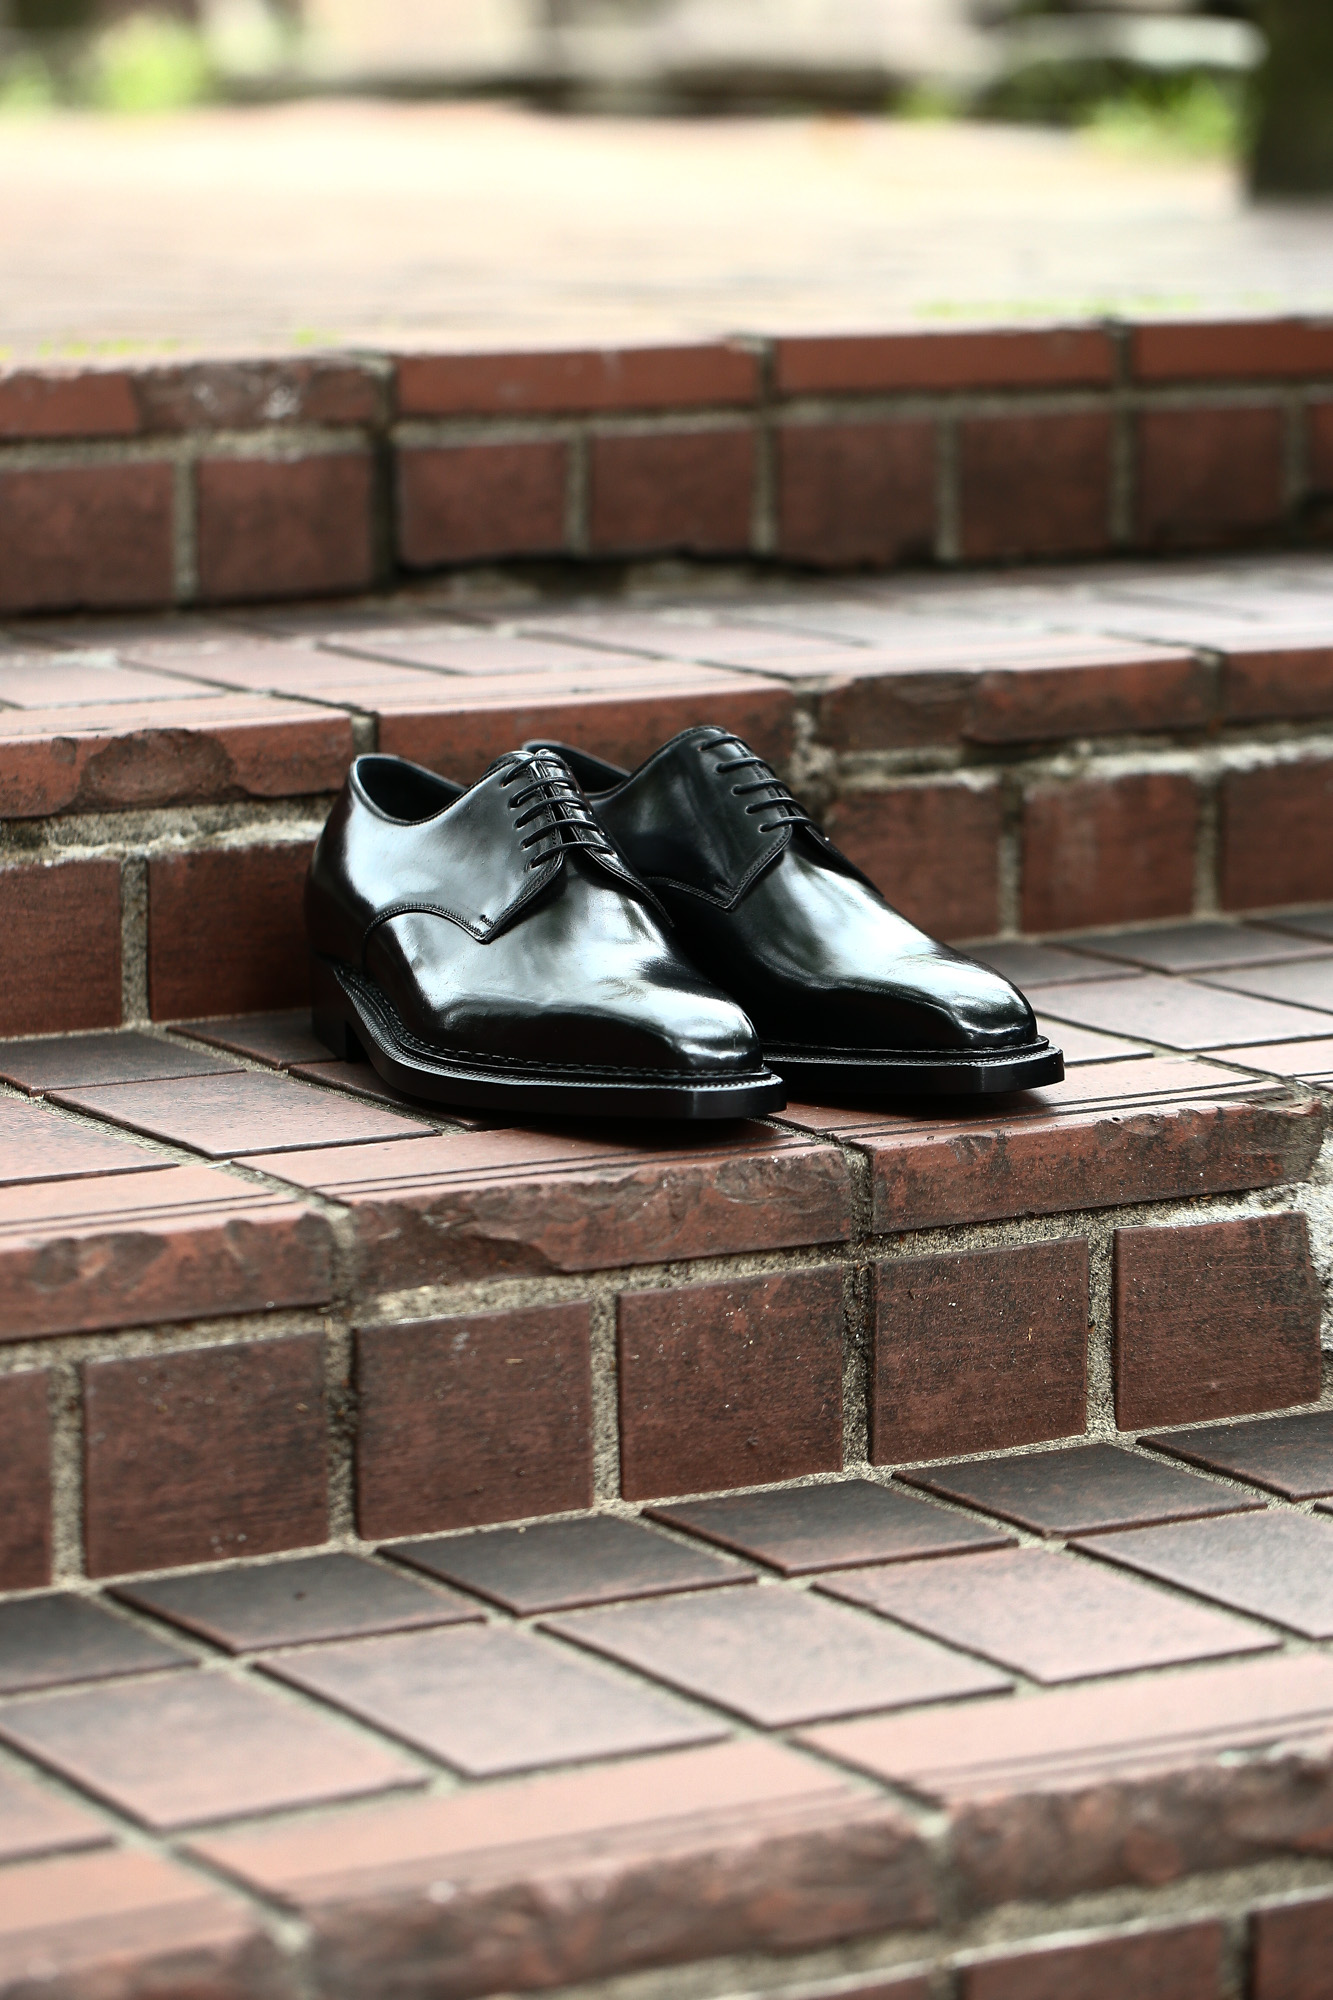 ENZO BONAFE(エンツォボナフェ) 【3720】Plane Toe Dress Shoes プレーントゥー Horween Shell Cordovan leather ホーウィンシェル コードバンレザー 【コードヴァン】ドレスシューズ NERO(ブラック) made in italy (イタリア製) 2017 秋冬新作 enzobonafe エンツォボナフェ 愛知 名古屋 ZODIAC ゾディアック 5.5,6,6.5,7,7.5,8,8.5,9,9.5